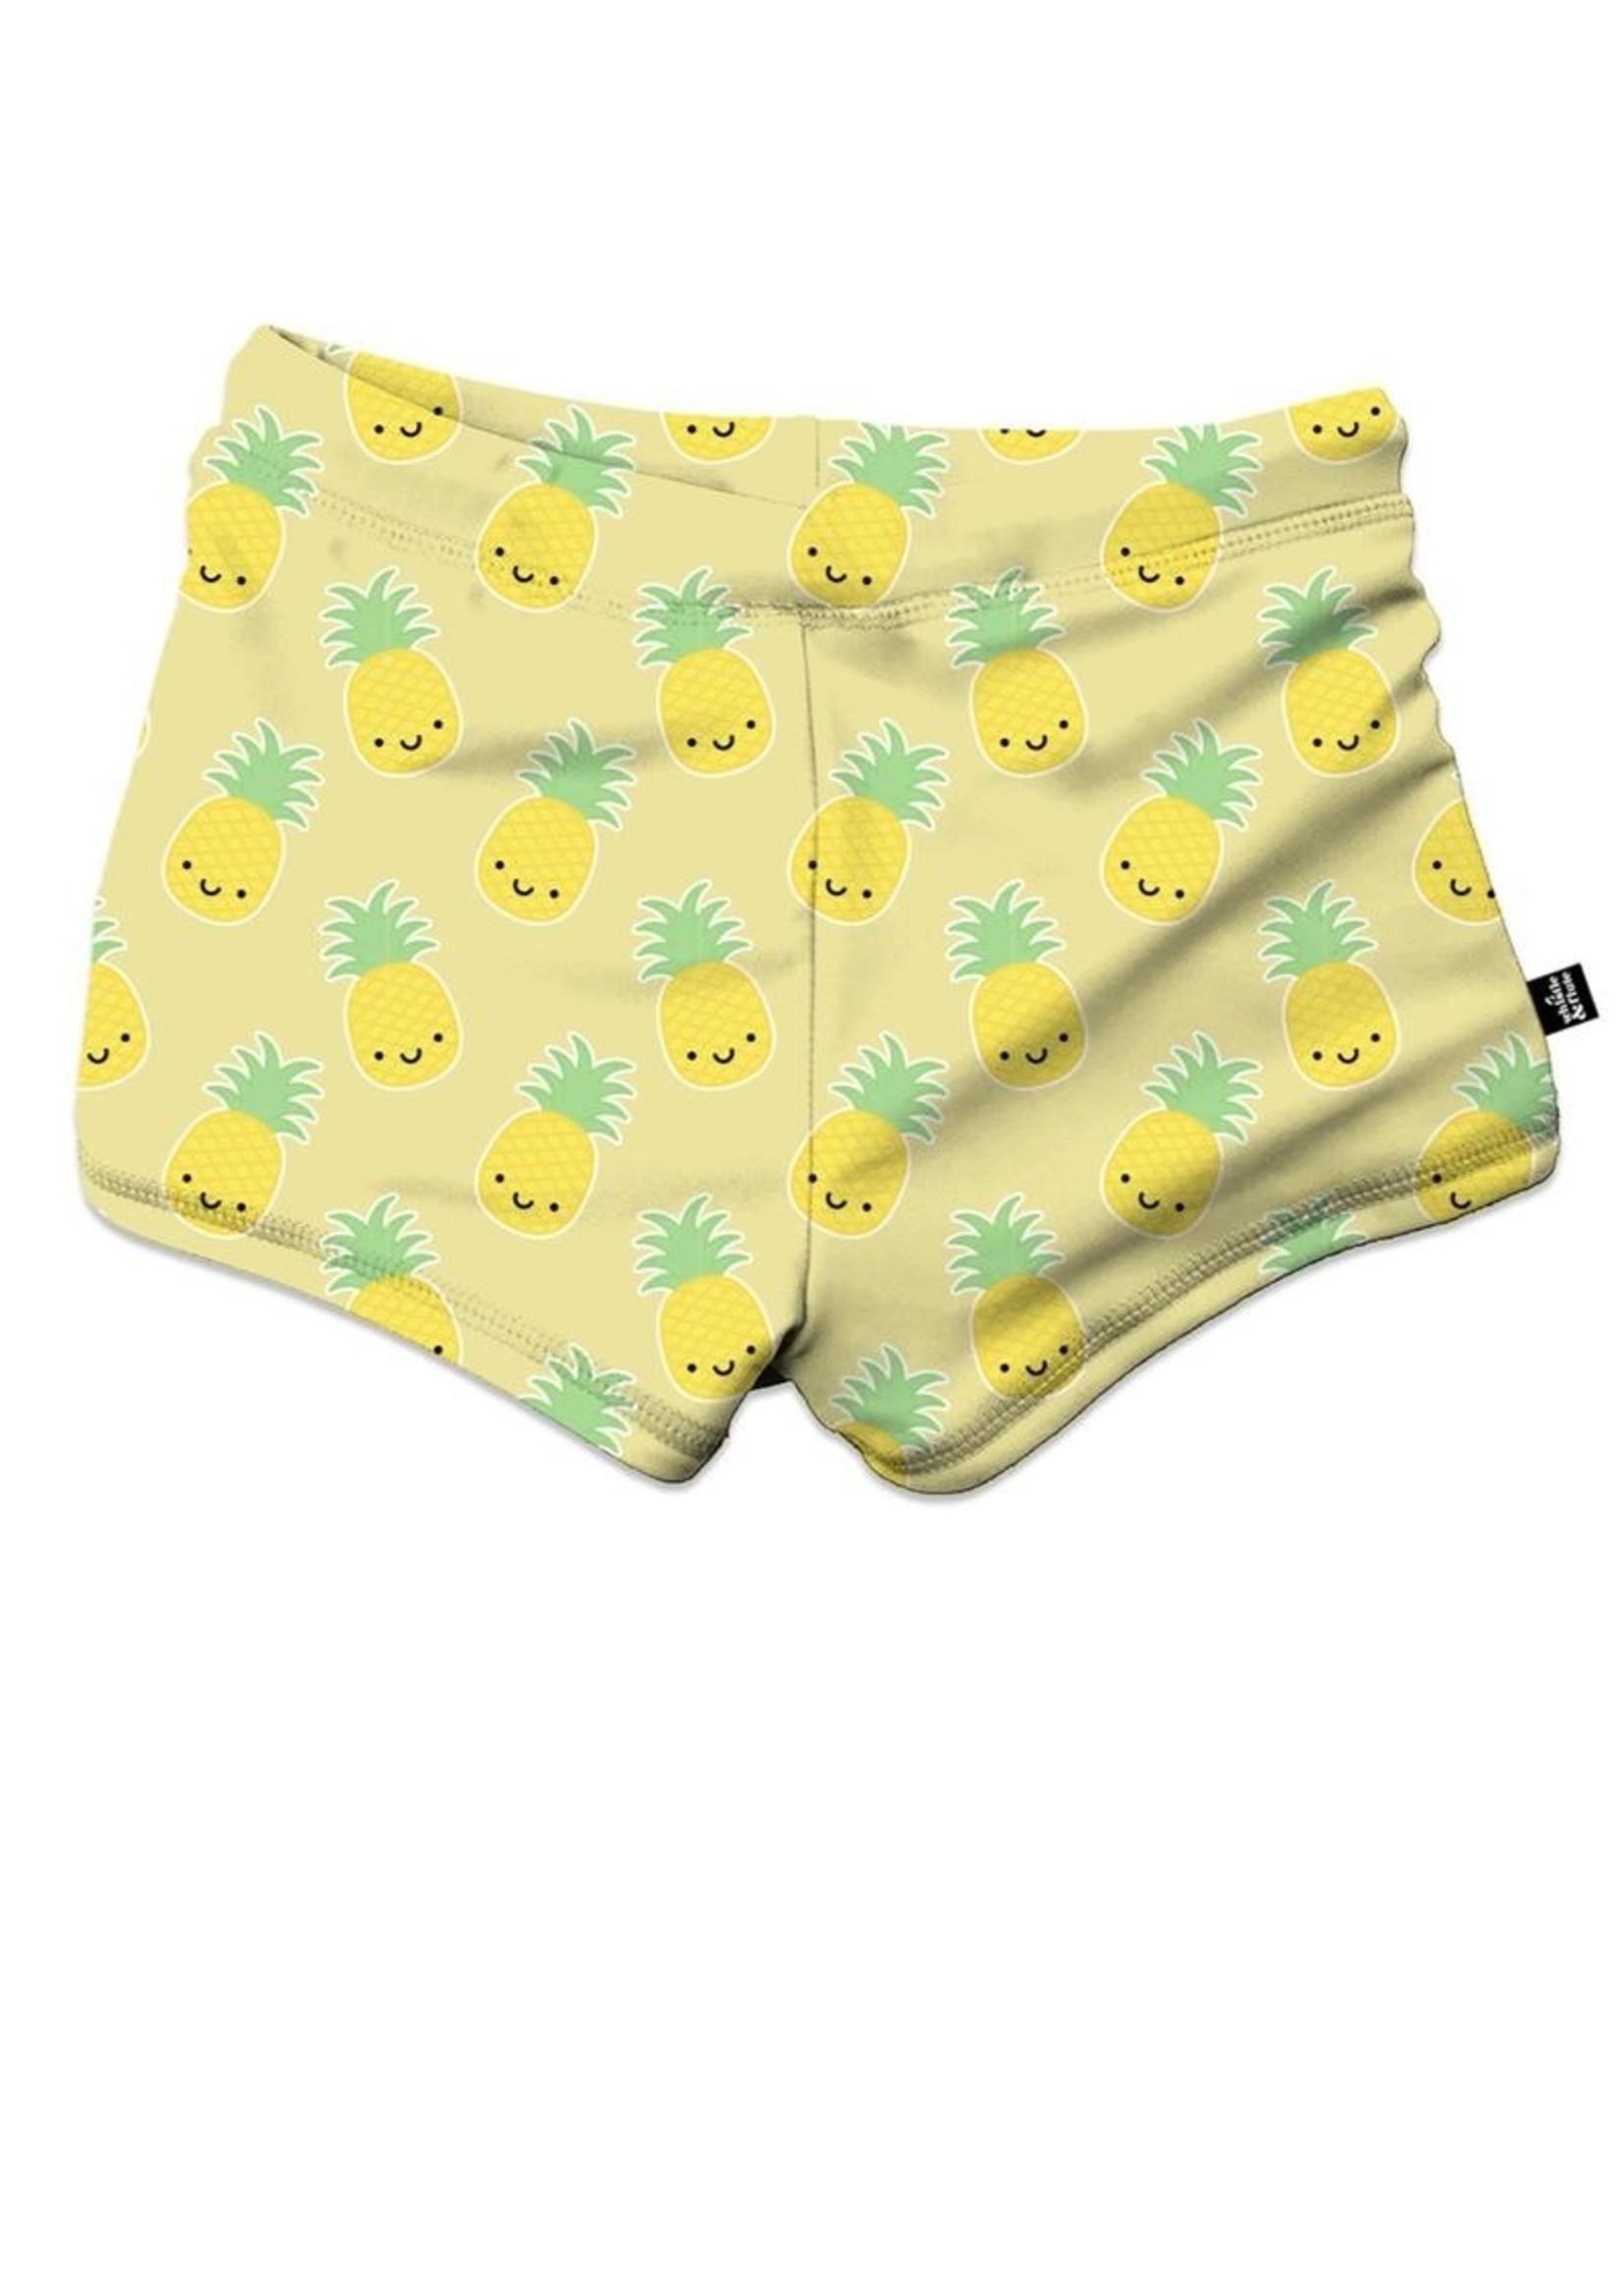 Whistle & Flute Whistle & Flute, Kawaii Pineapple Swim Trunks